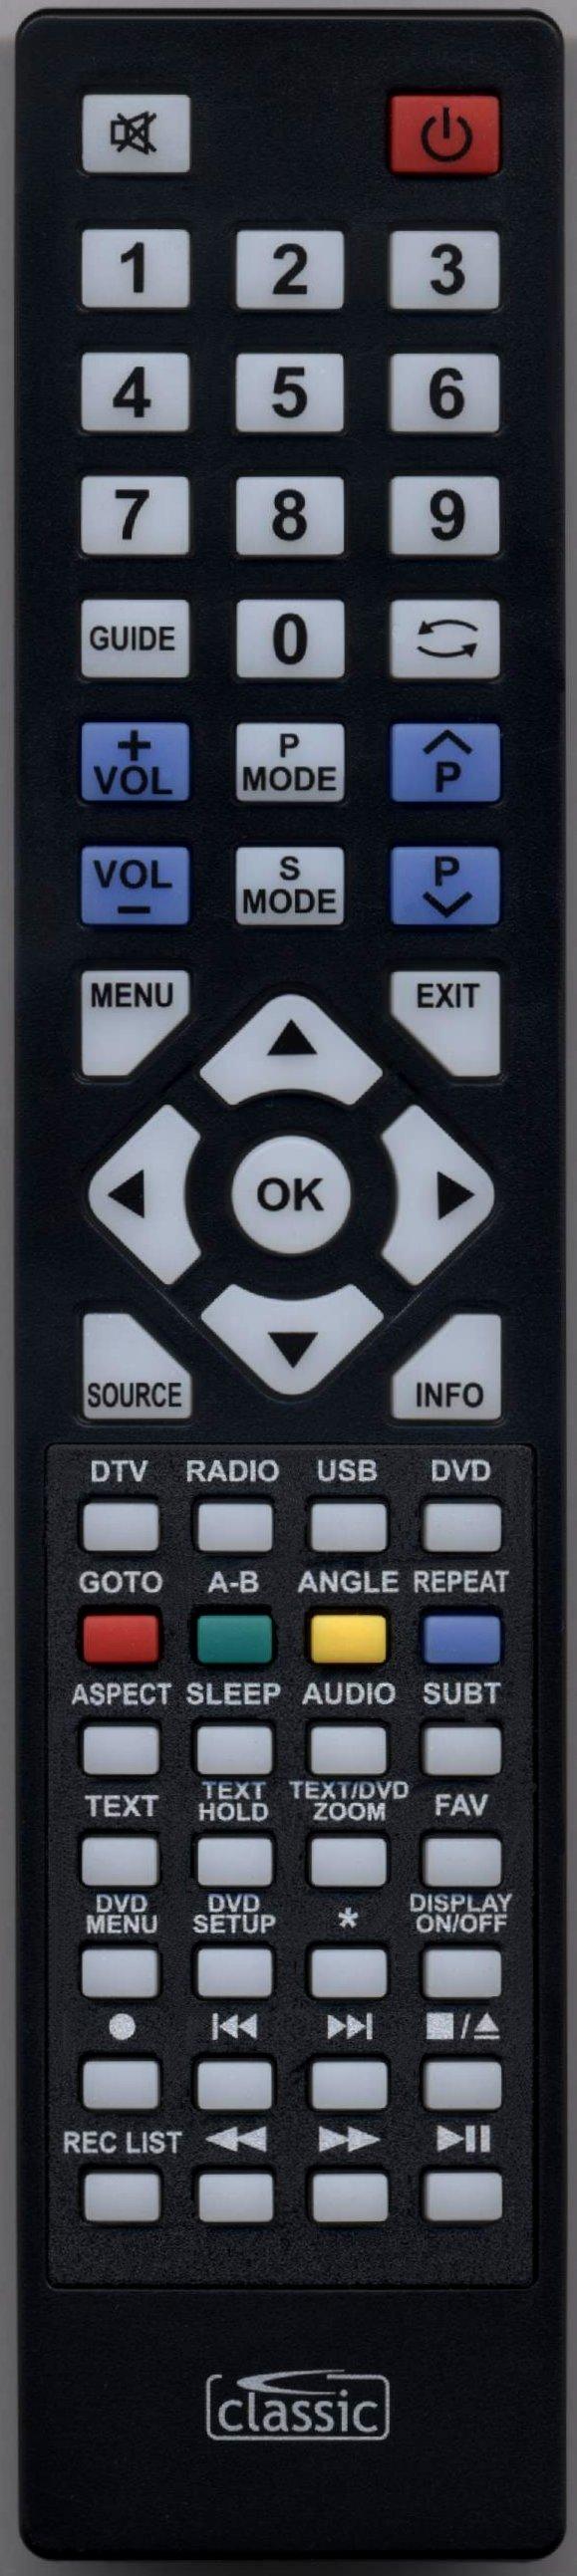 BLAUPUNKT 40/233I-GB-8B-FHBKUP-EU Remote Control